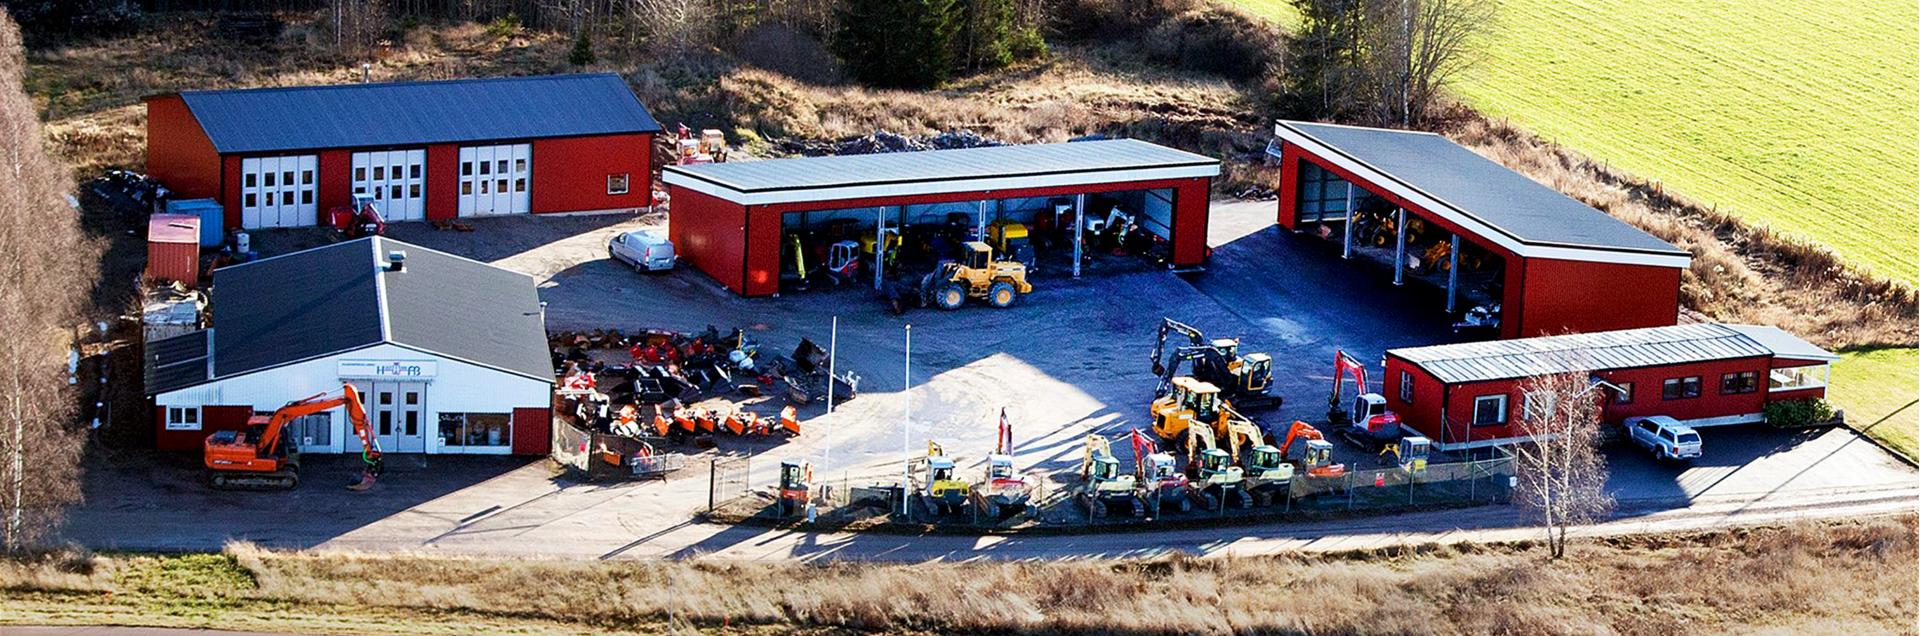 Hos oss kan ni hyra grävmaskin i Karlstad. Vi har en stor maskinanläggning som ryms i våra byggnader.